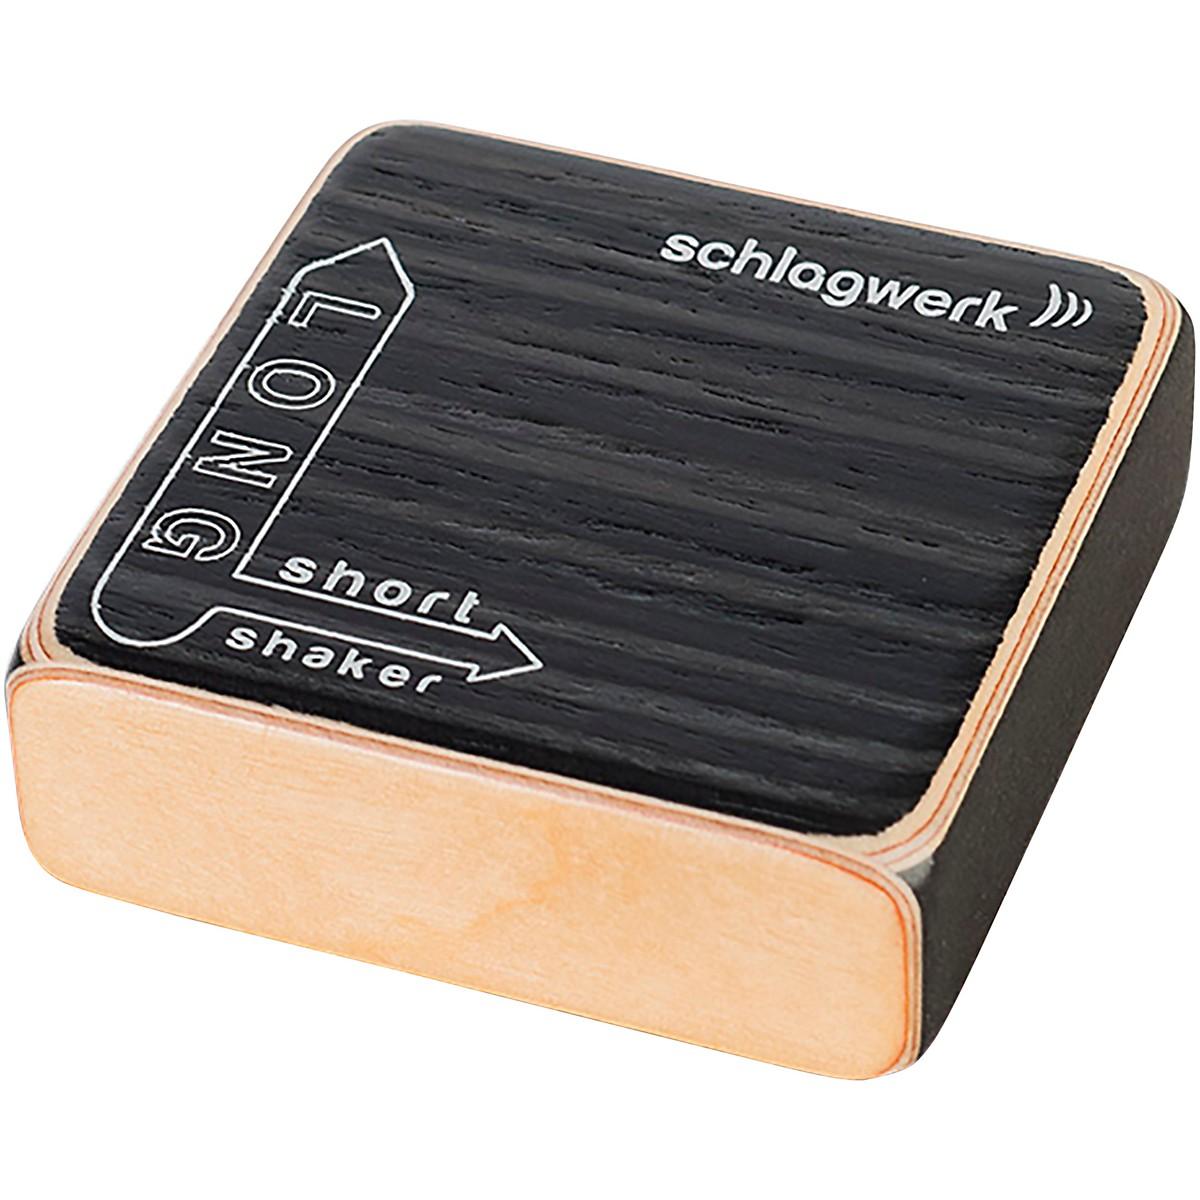 SCHLAGWERK SK25 Longshort Shaker